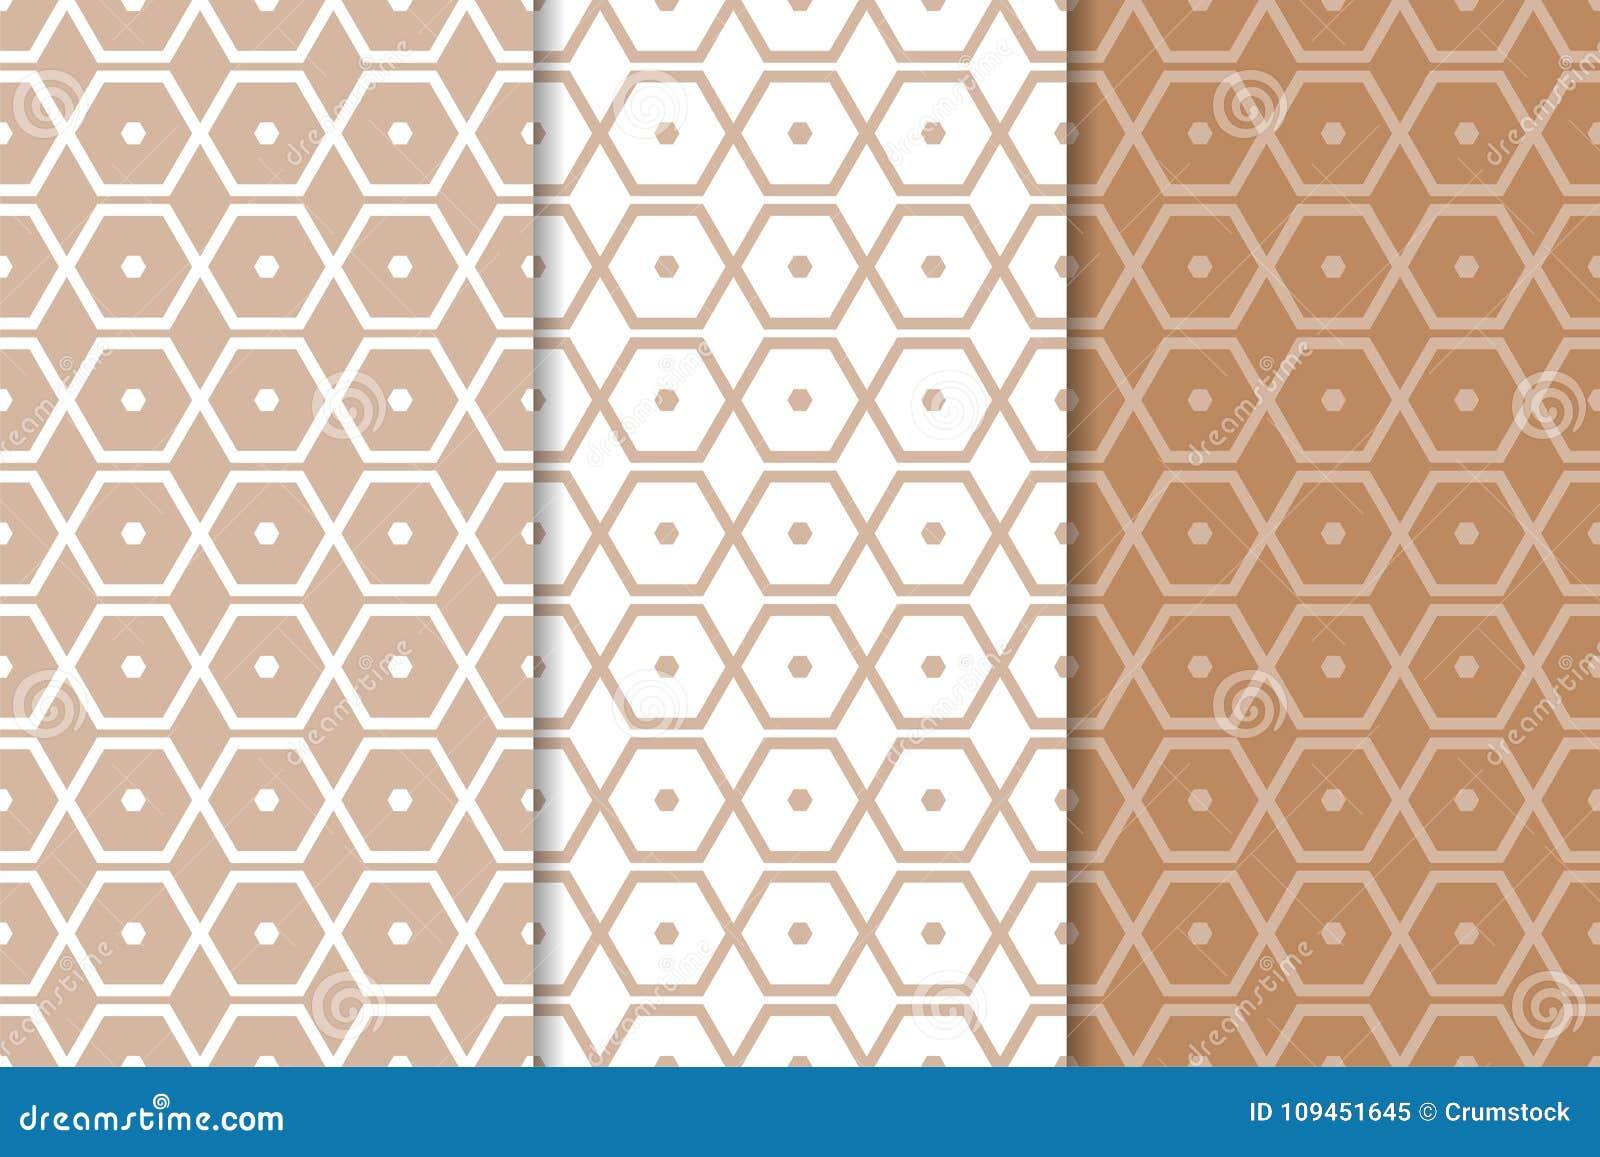 Комплект геометрических орнаментов Брайн и белые безшовные картины